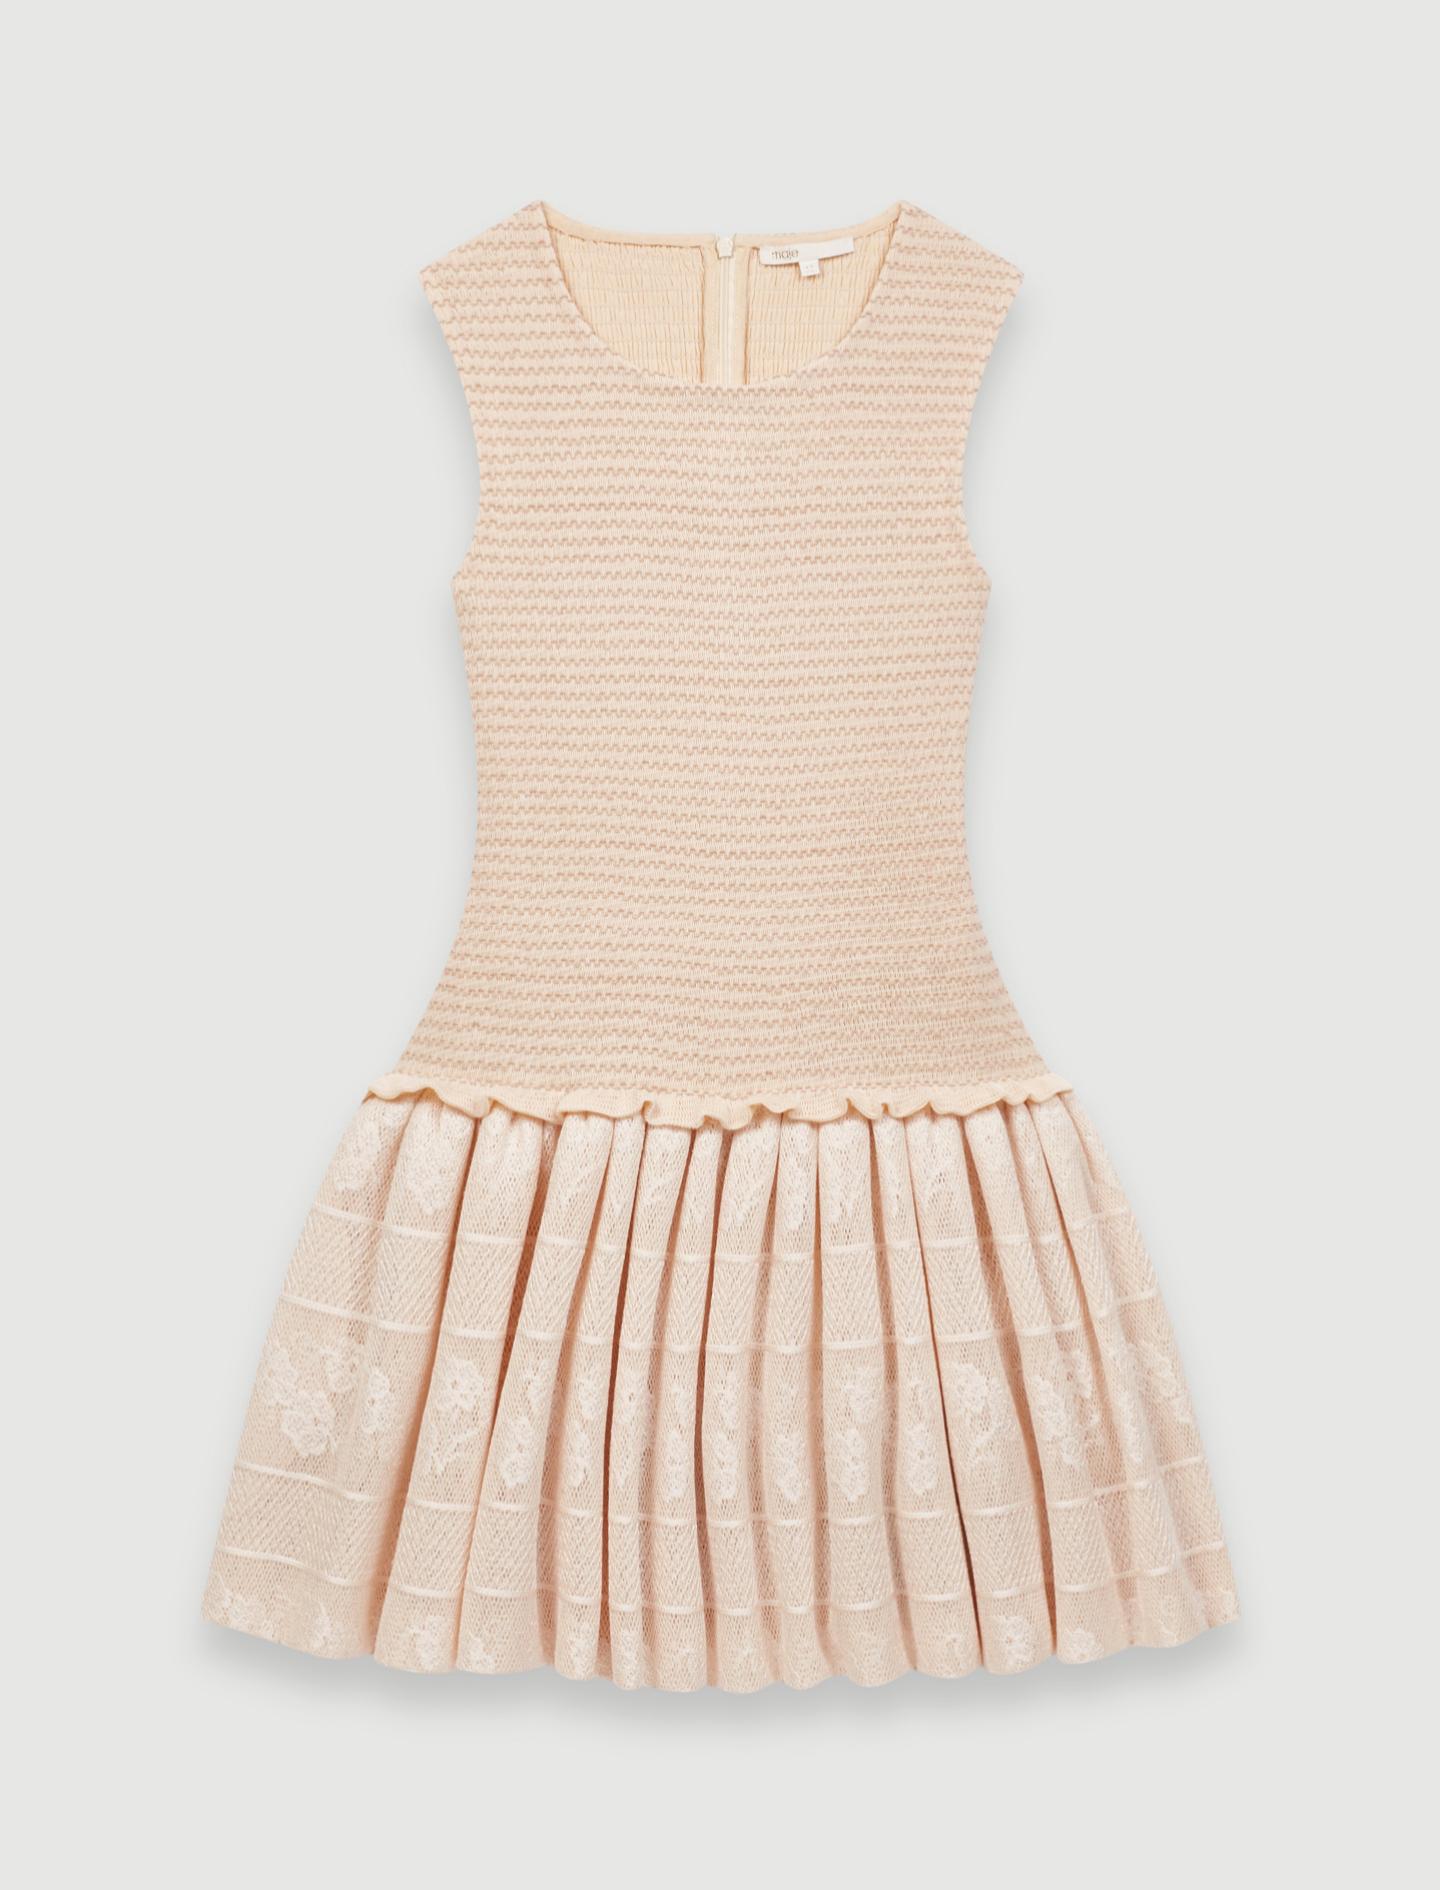 Mini vestido de punto de Maje (250¤)